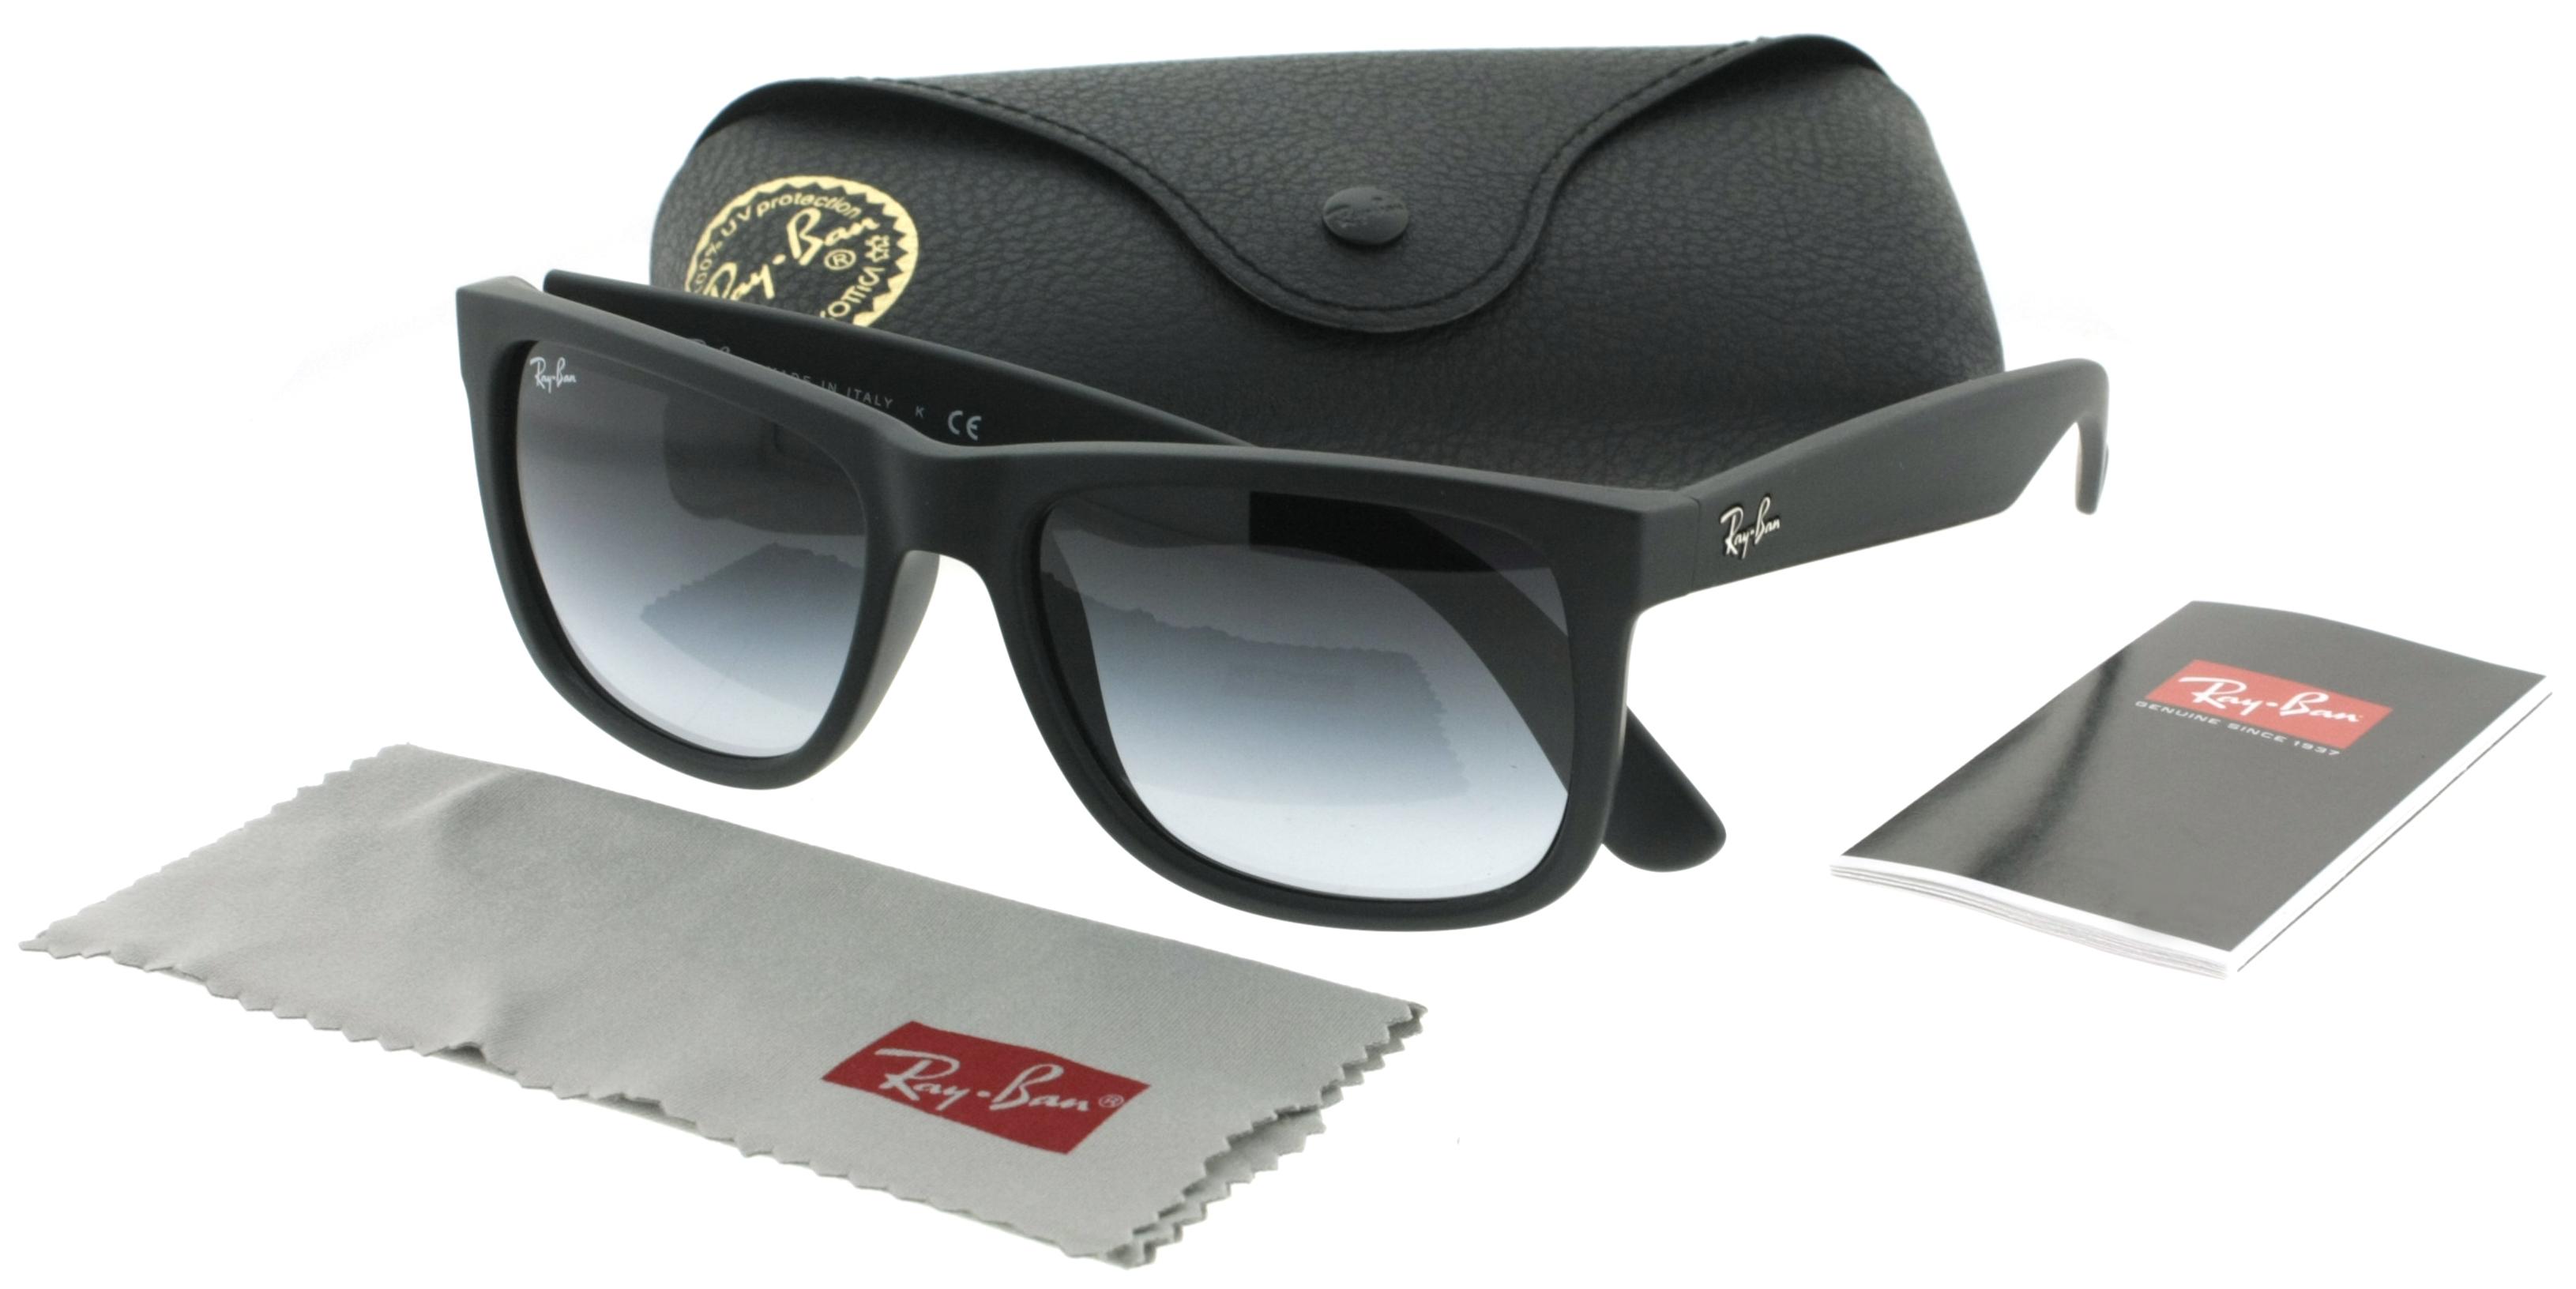 ray ban sunglasses  ray ban rb 4165 justin